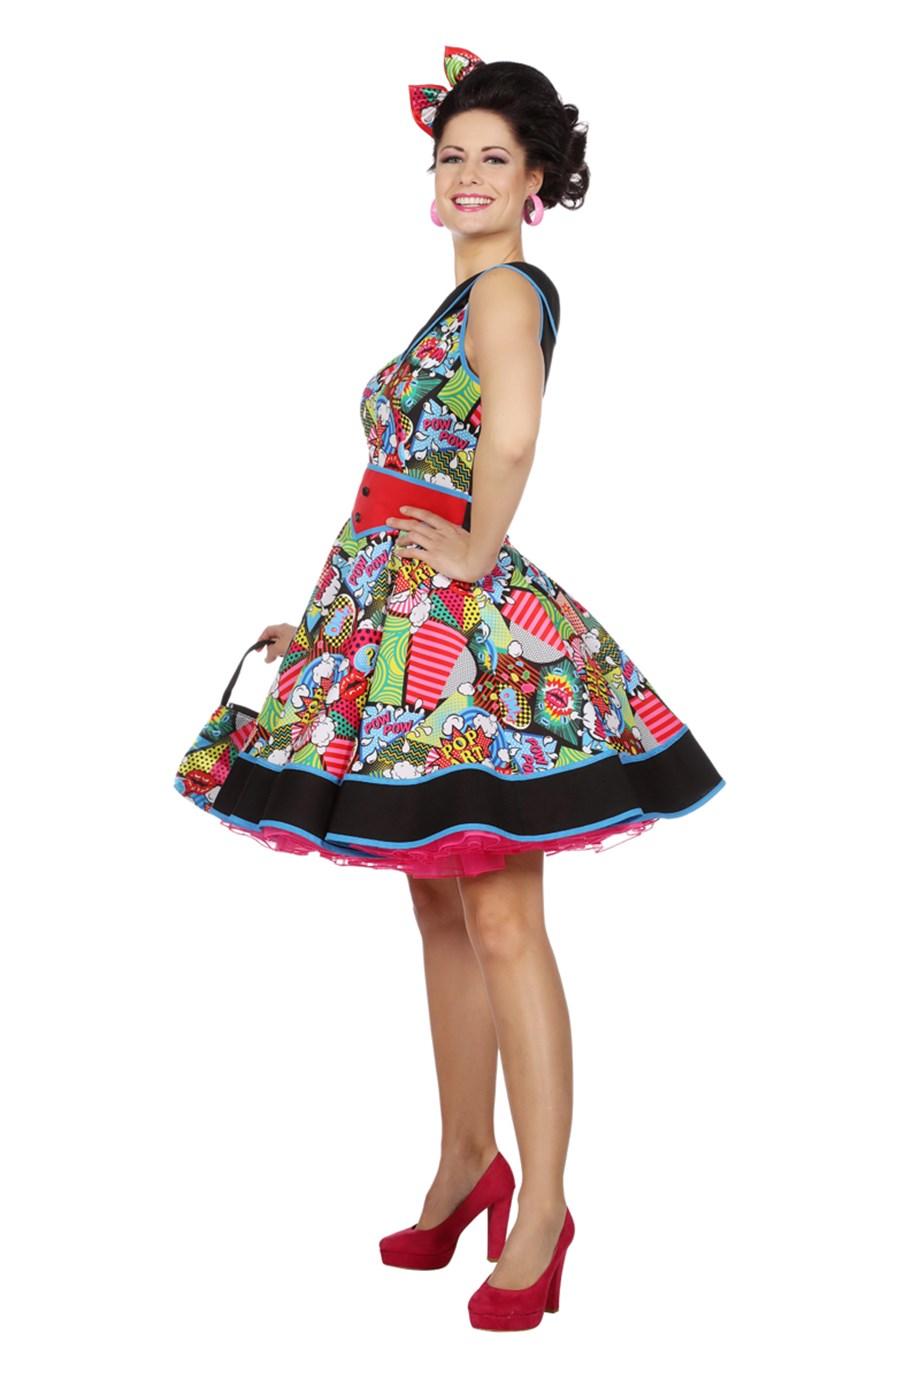 Beste Qualitätsprodukte Großhandelsverkauf Damen Kleid Kostüm Pop Art 50er Jahre Fasching Gr. 38